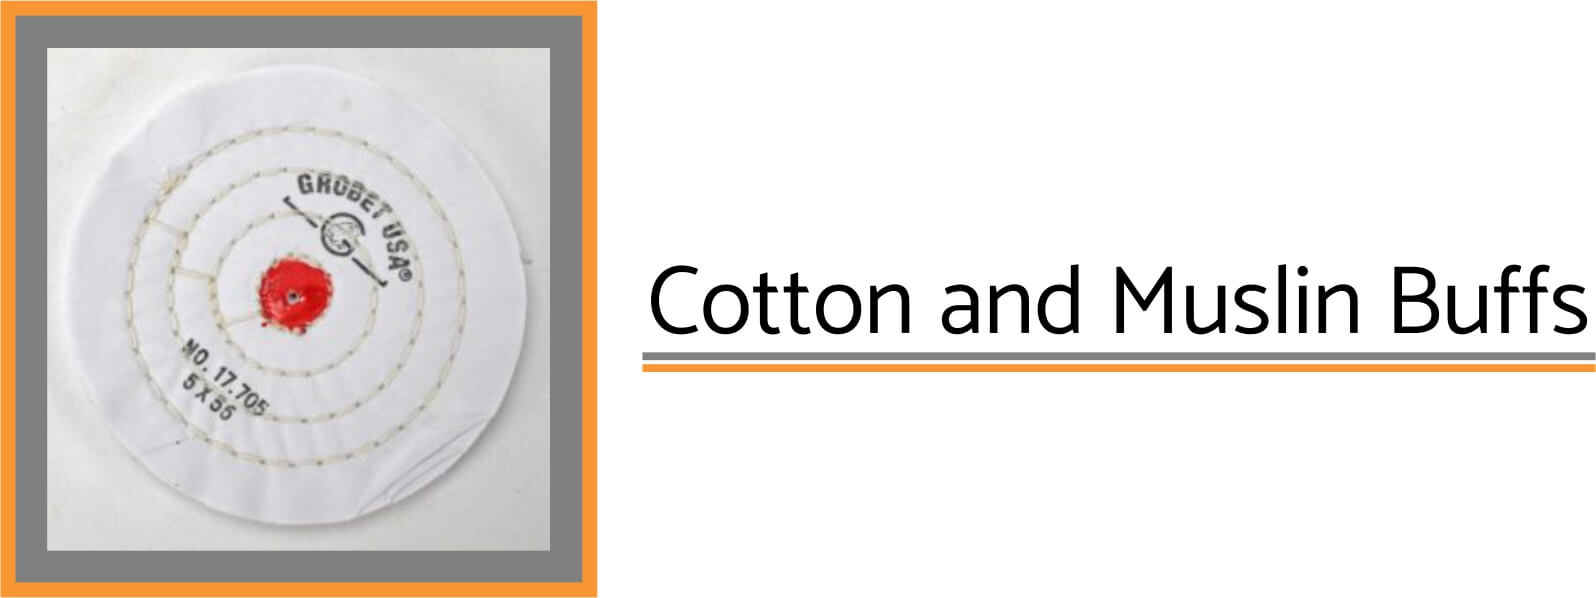 Cotton & muslin